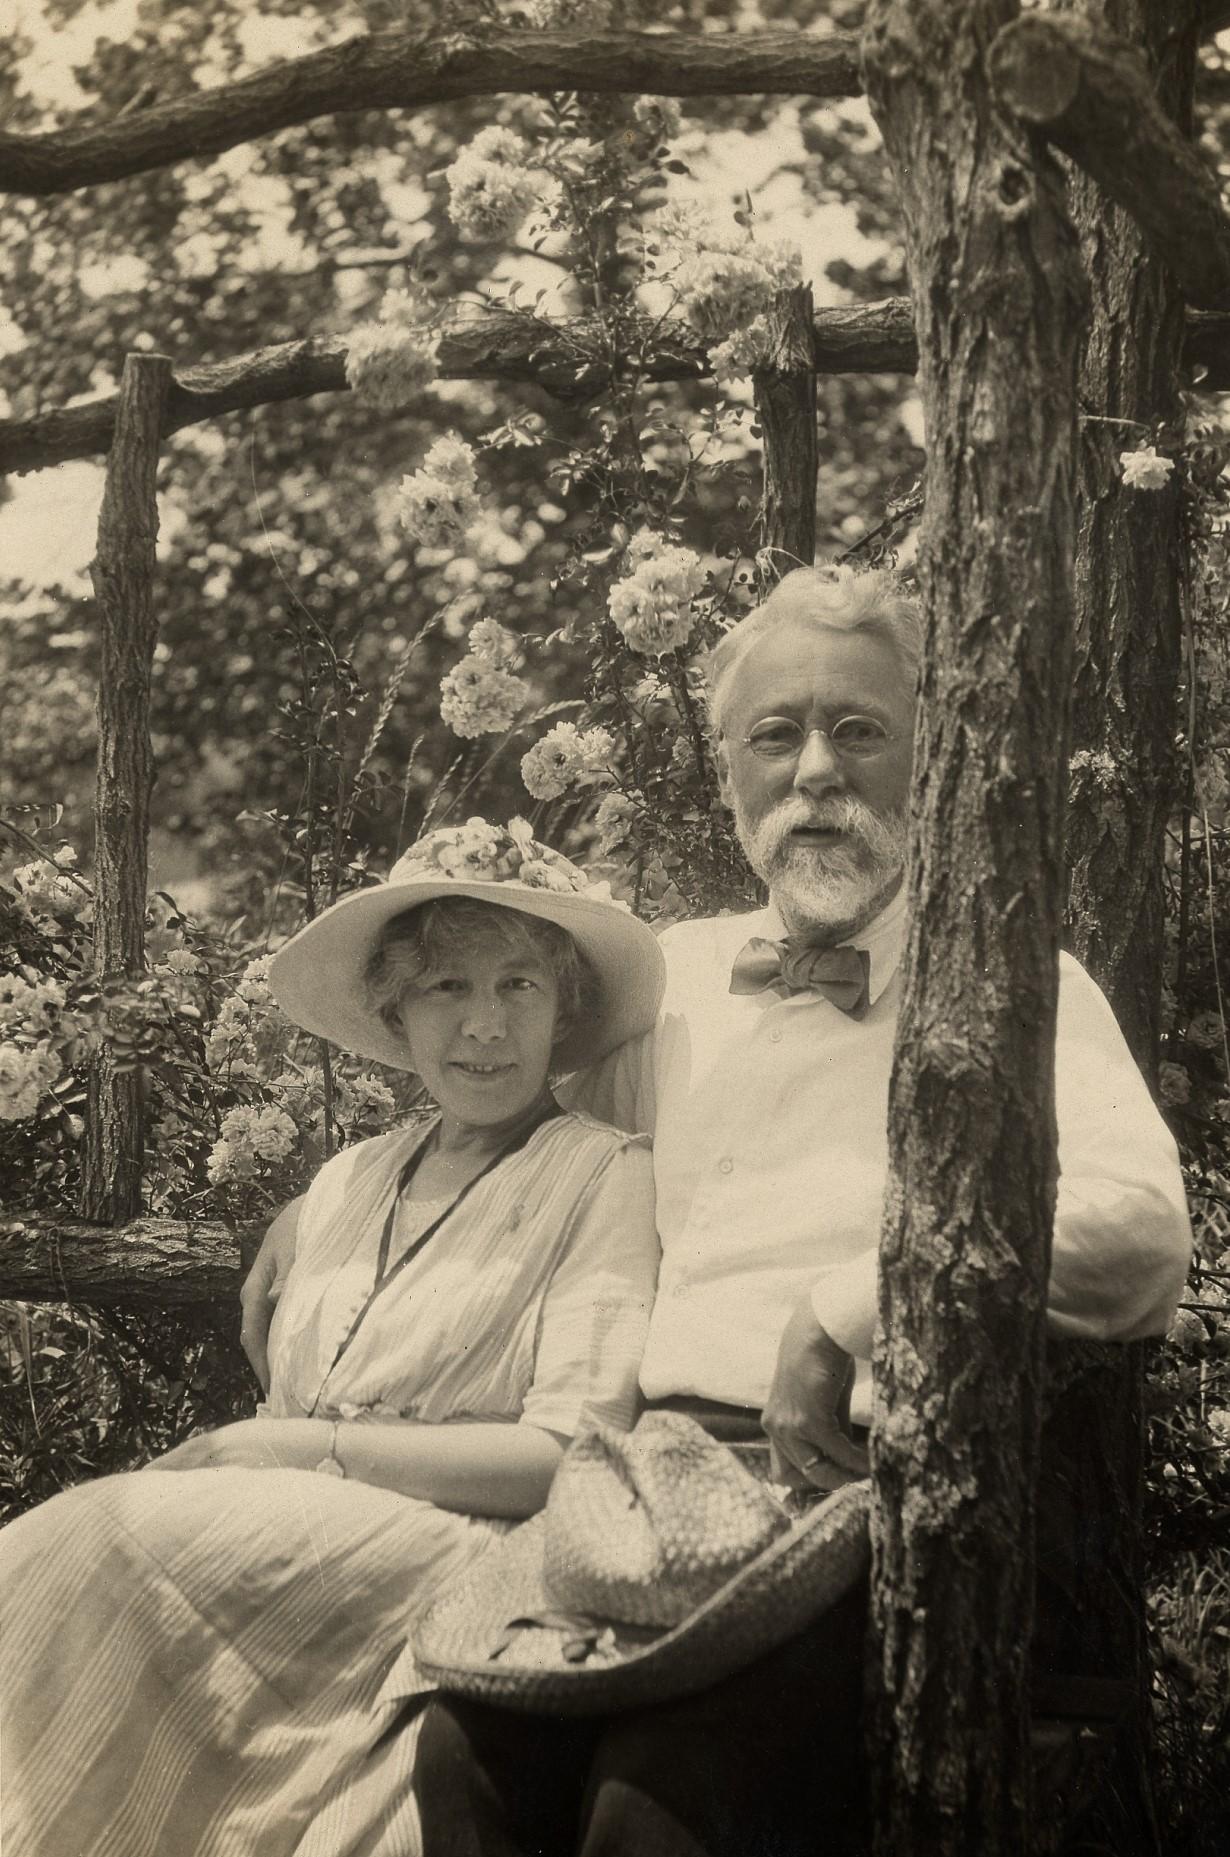 Bessie Potter and Robert Vonnoh, circa 1930.